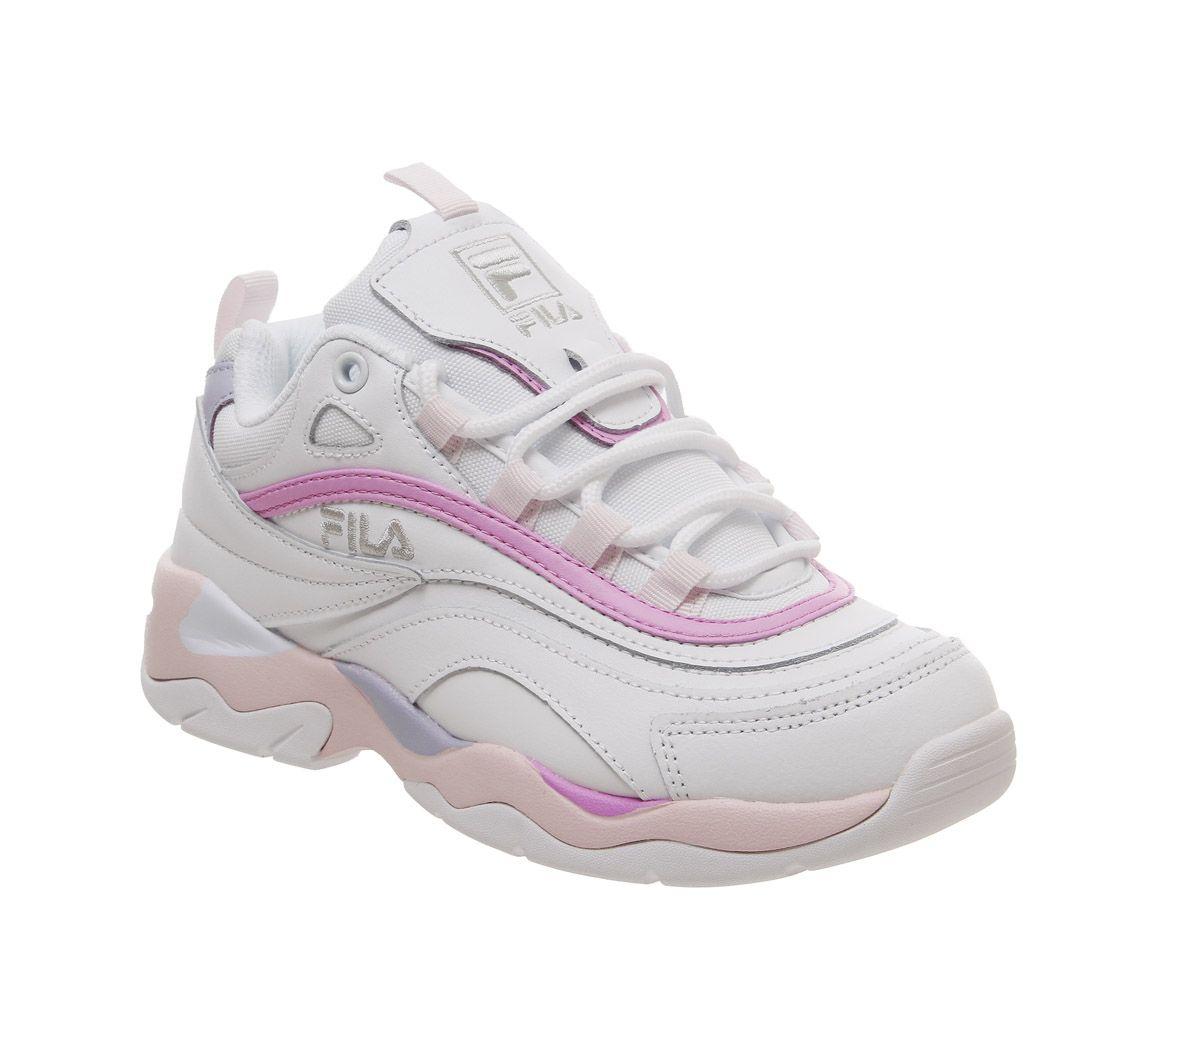 3201cb9d Détails sur Débardeur FILA FILA Ray Baskets Blanc Céleste Rose Violet  Baskets Chaussures- afficher le titre d'origine